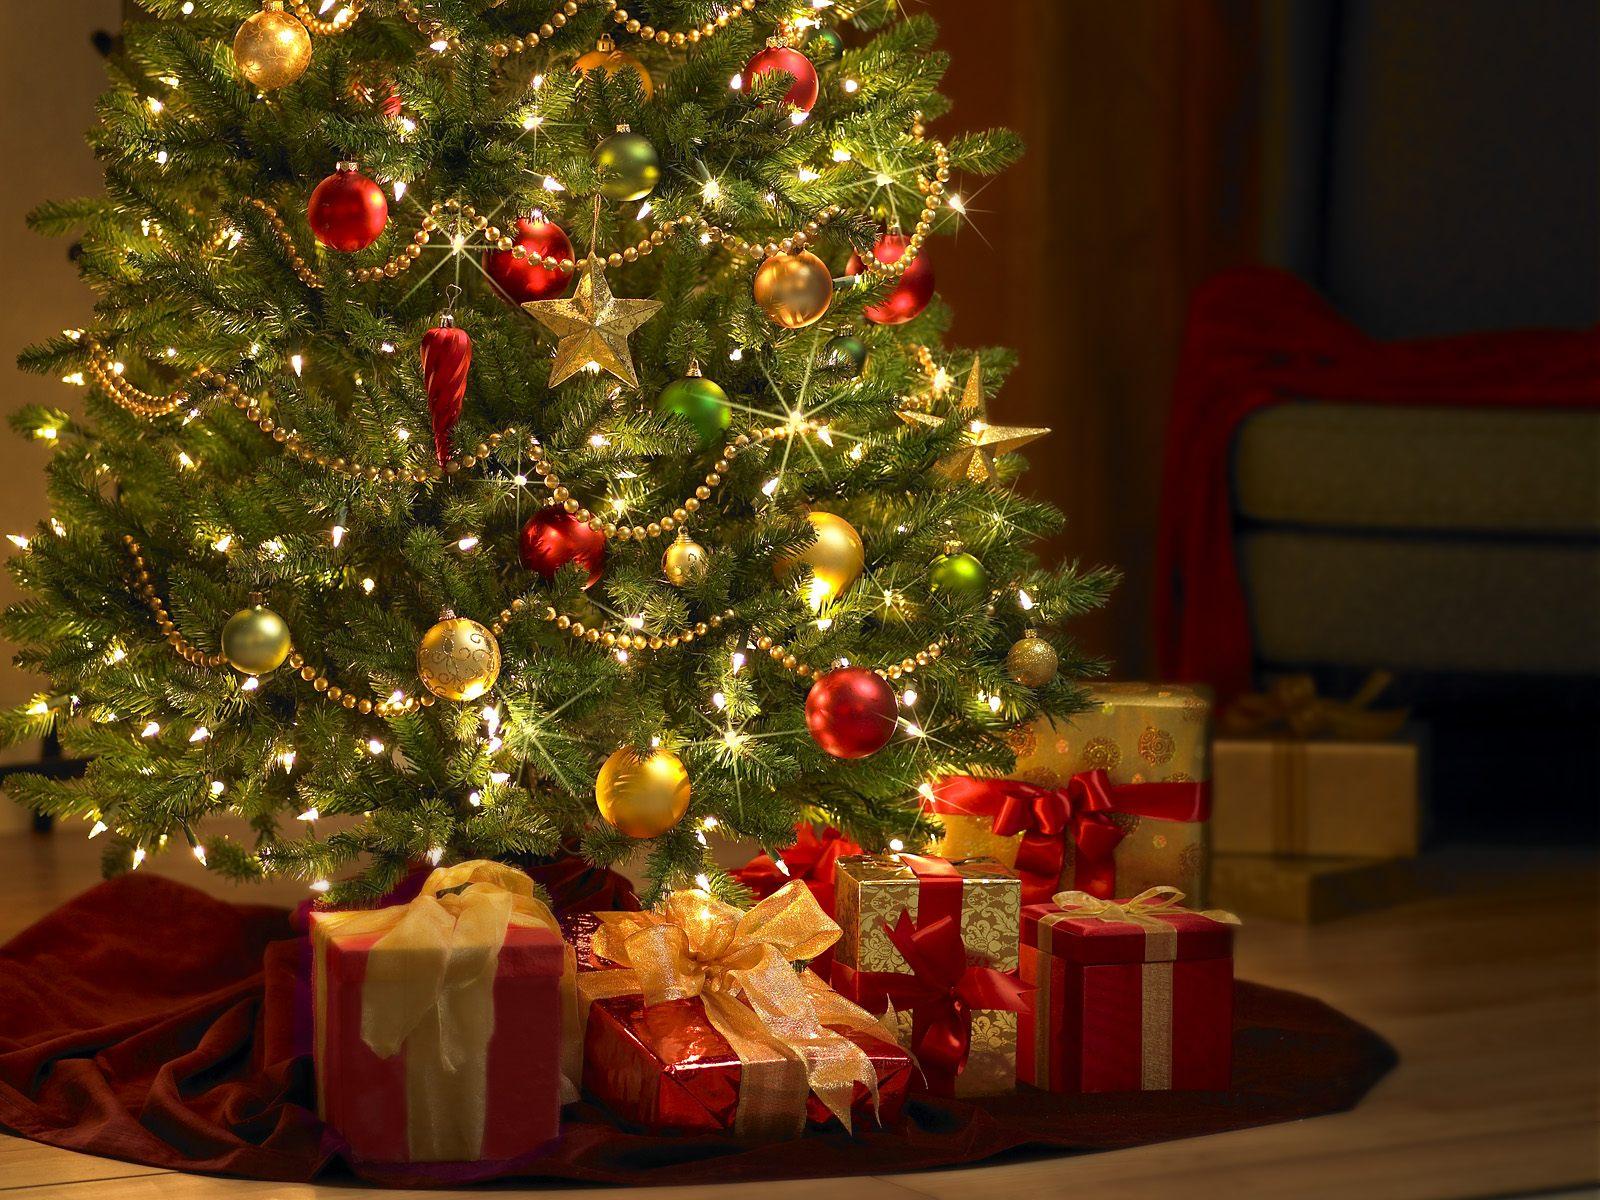 5 trucuri care păstrează bradul de Crăciun proaspăt și o lună de zile